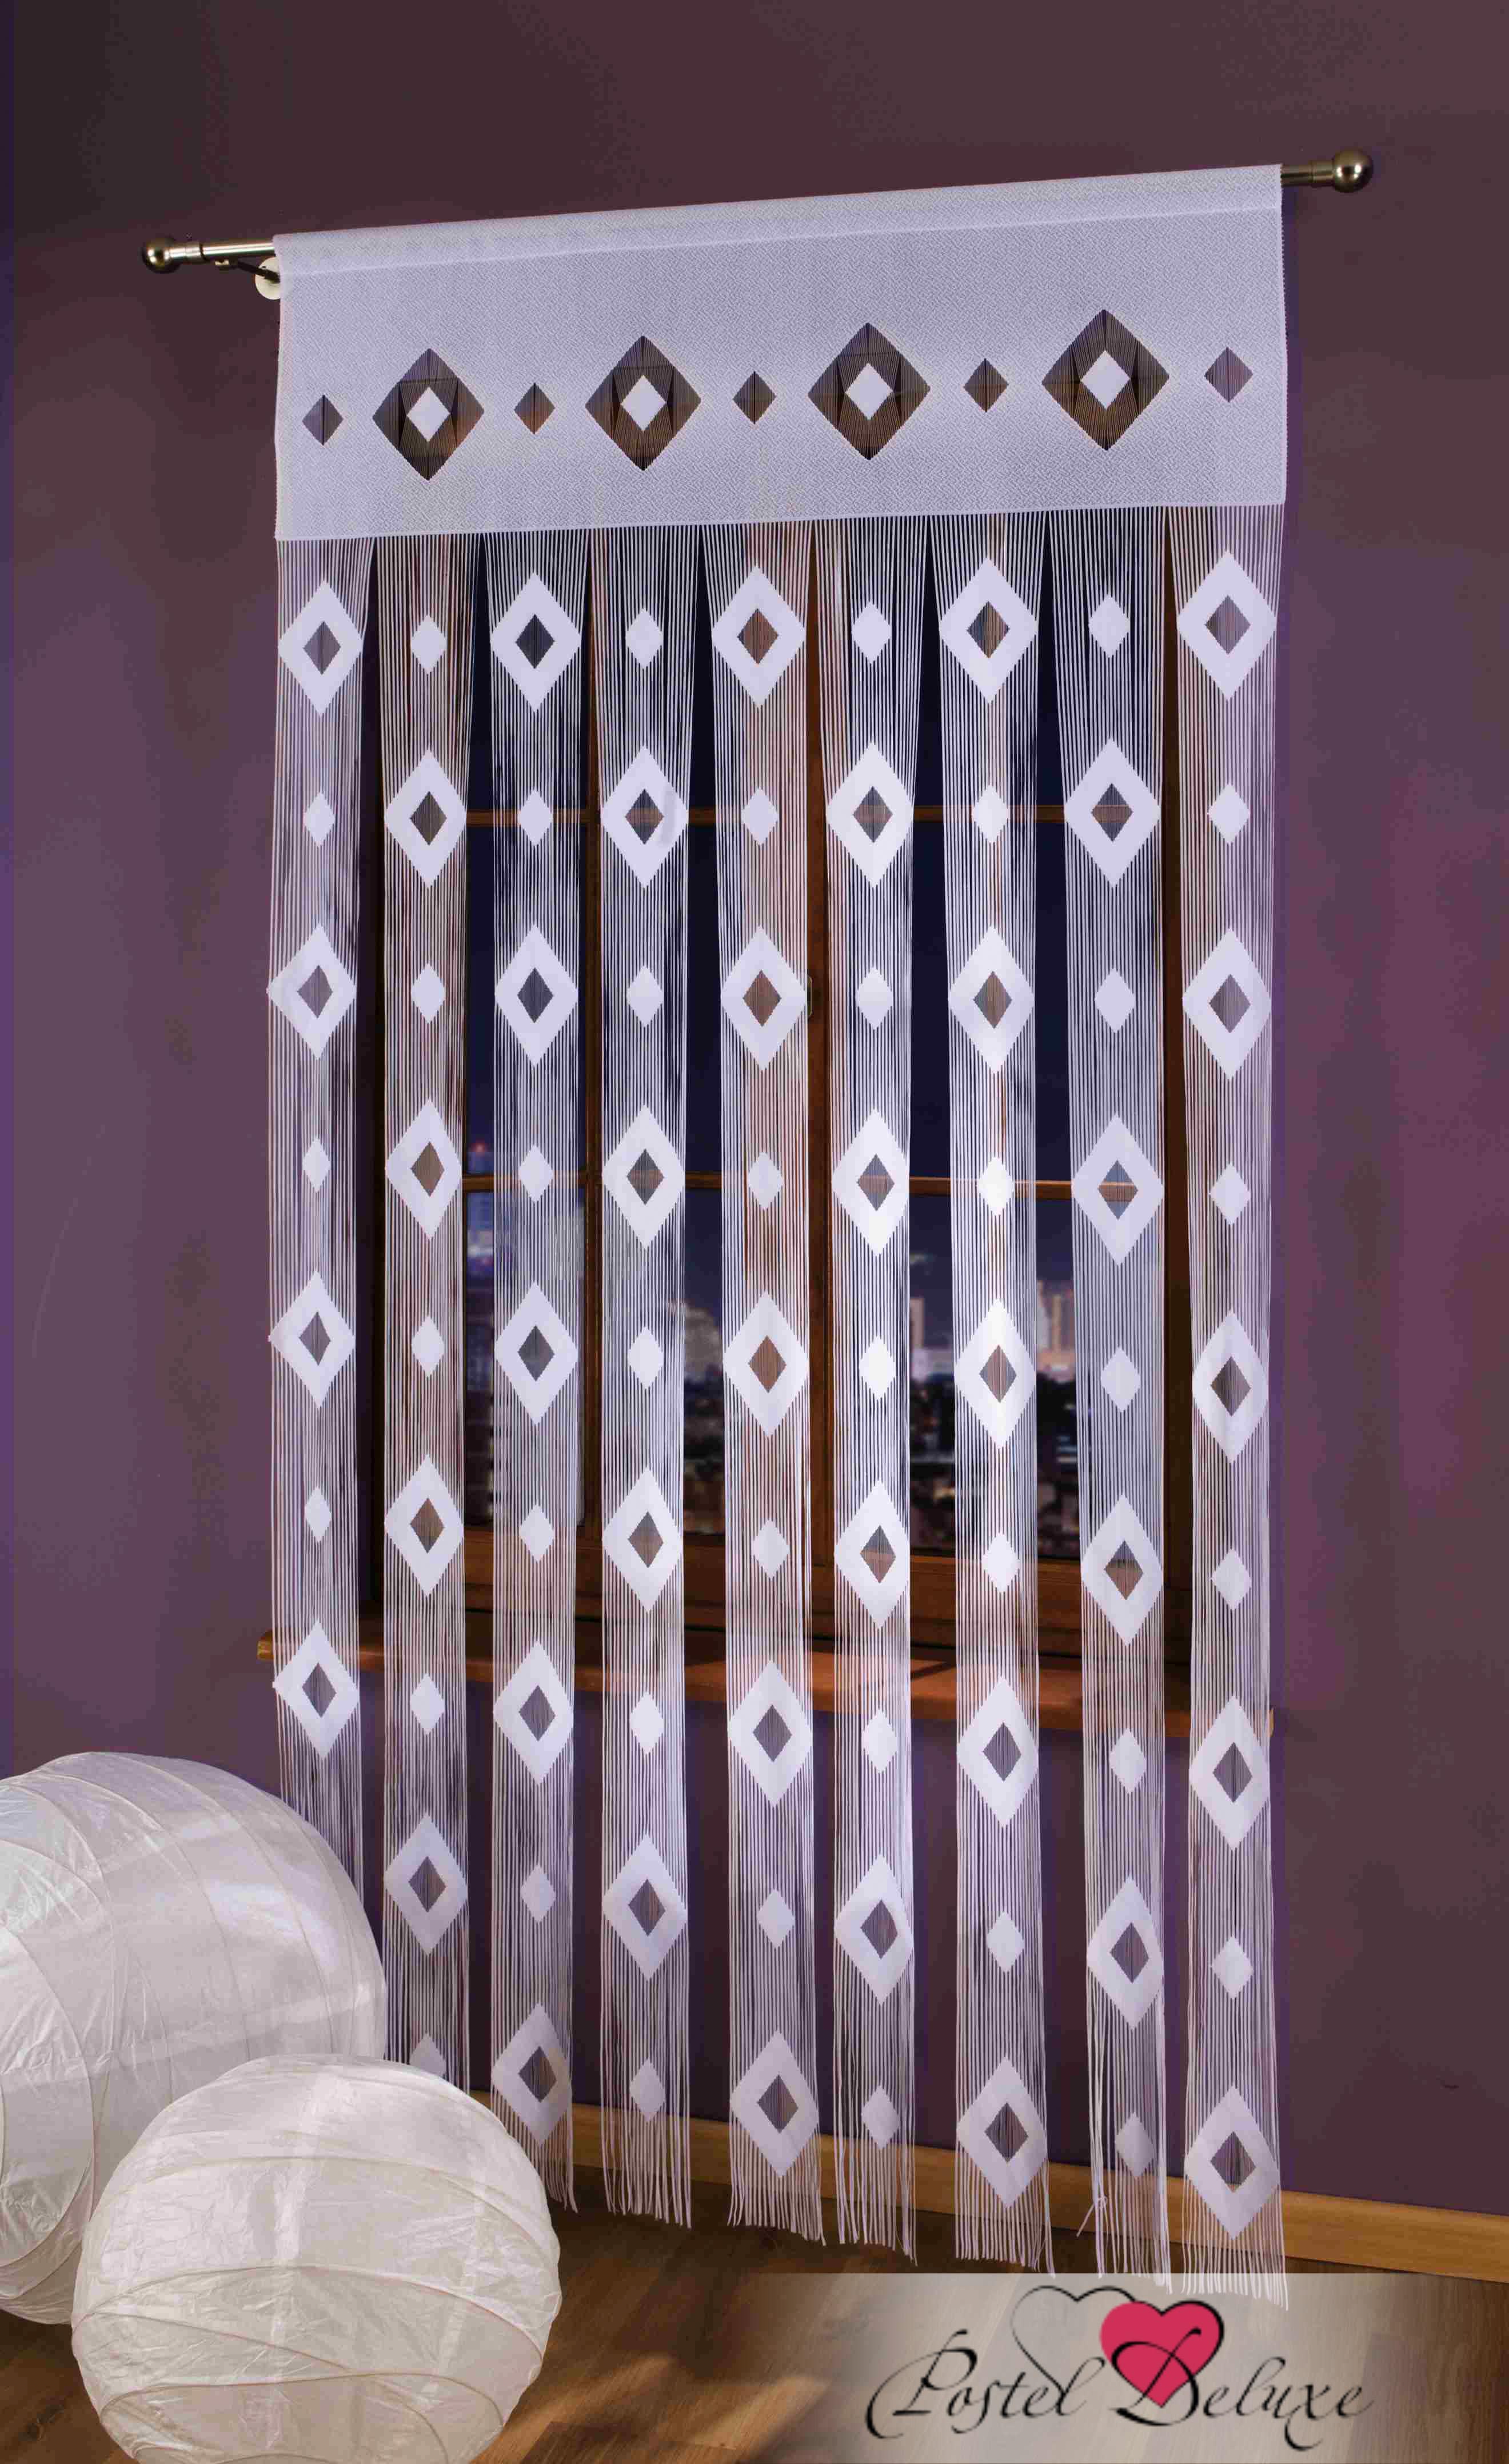 Шторы WisanШторы<br>ВНИМАНИЕ! Комплектация штор может отличаться от представленной на фотографии. Фактическая комплектация указана в описании изделия.<br><br>Производитель: Wisan<br>Cтрана производства: Польша<br>Нитяные шторы<br>Материал гардины: Тюль<br>Размер гардины: 150х250 см (1 шт.)<br>Вид крепления: Кулиска<br>Рекомендуемая ширина карниза (см): 60-150<br><br>Тип: Шторы<br>Размерность комплекта: Нитяные шторы<br>Материал: Тюль<br>Размер наволочки: None<br>Подарочная упаковка: Нитяные шторы<br>Для детей: Нитяные шторы<br>Ткань: Тюль<br>Цвет: Белый